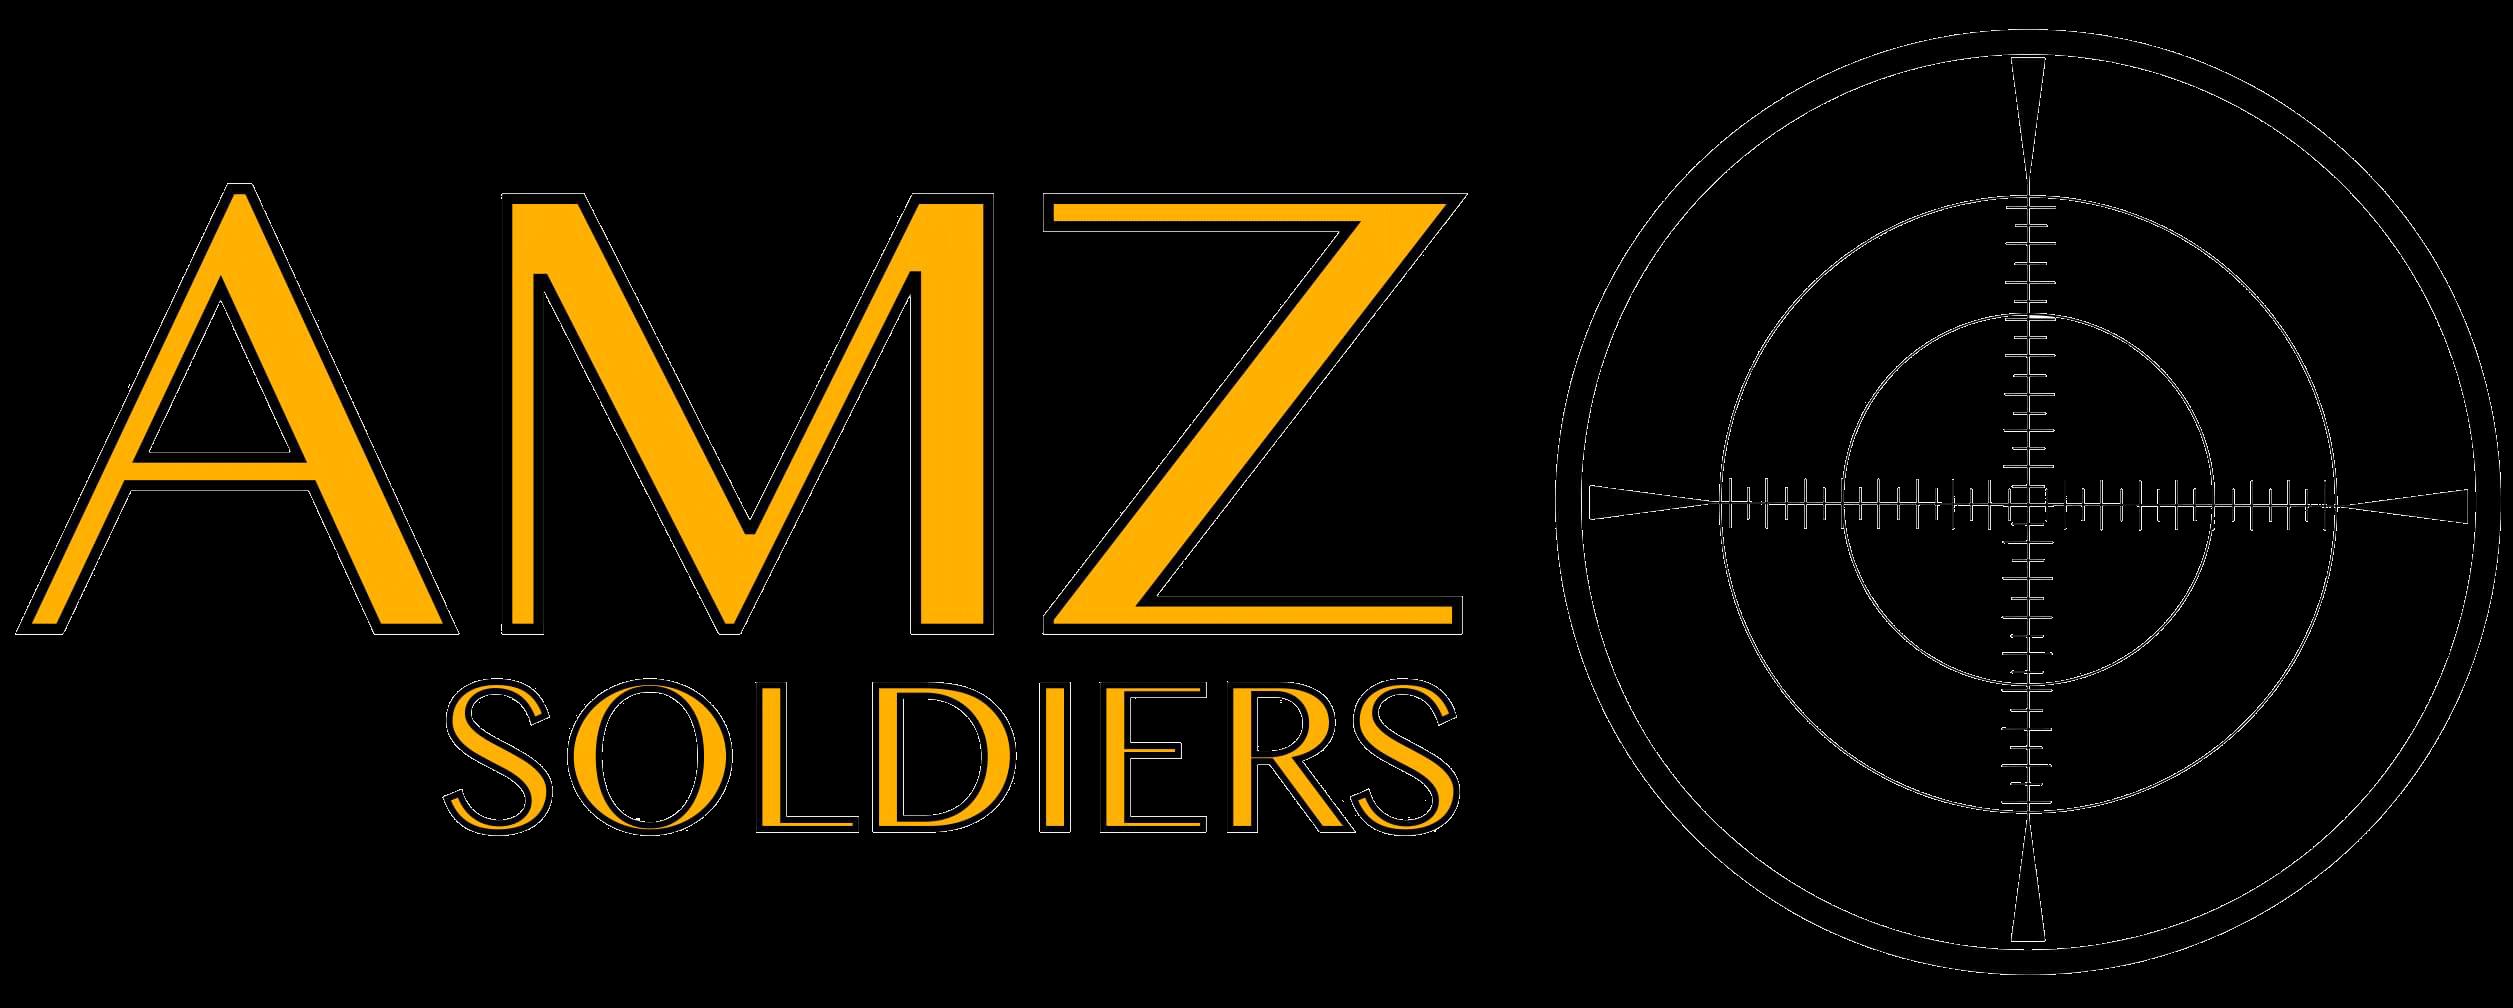 AMZ Soldier